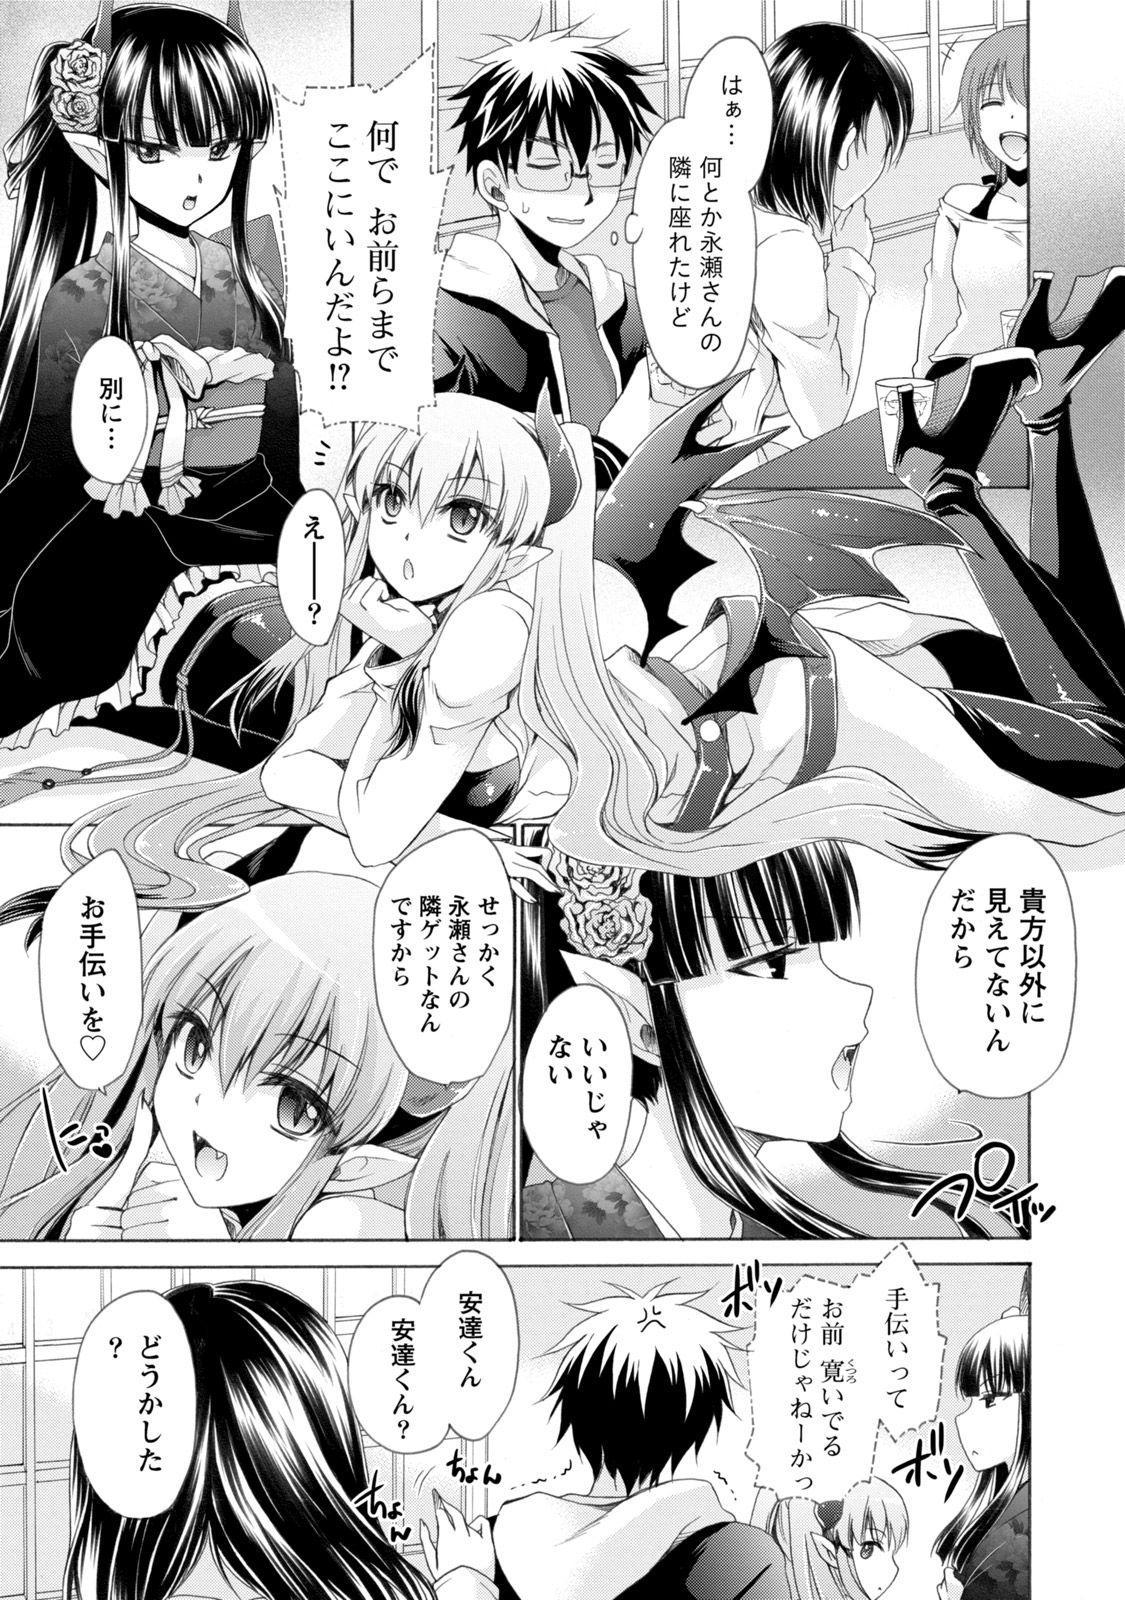 Ore to Kanojo to Owaru Sekai - World's end LoveStory 1 53